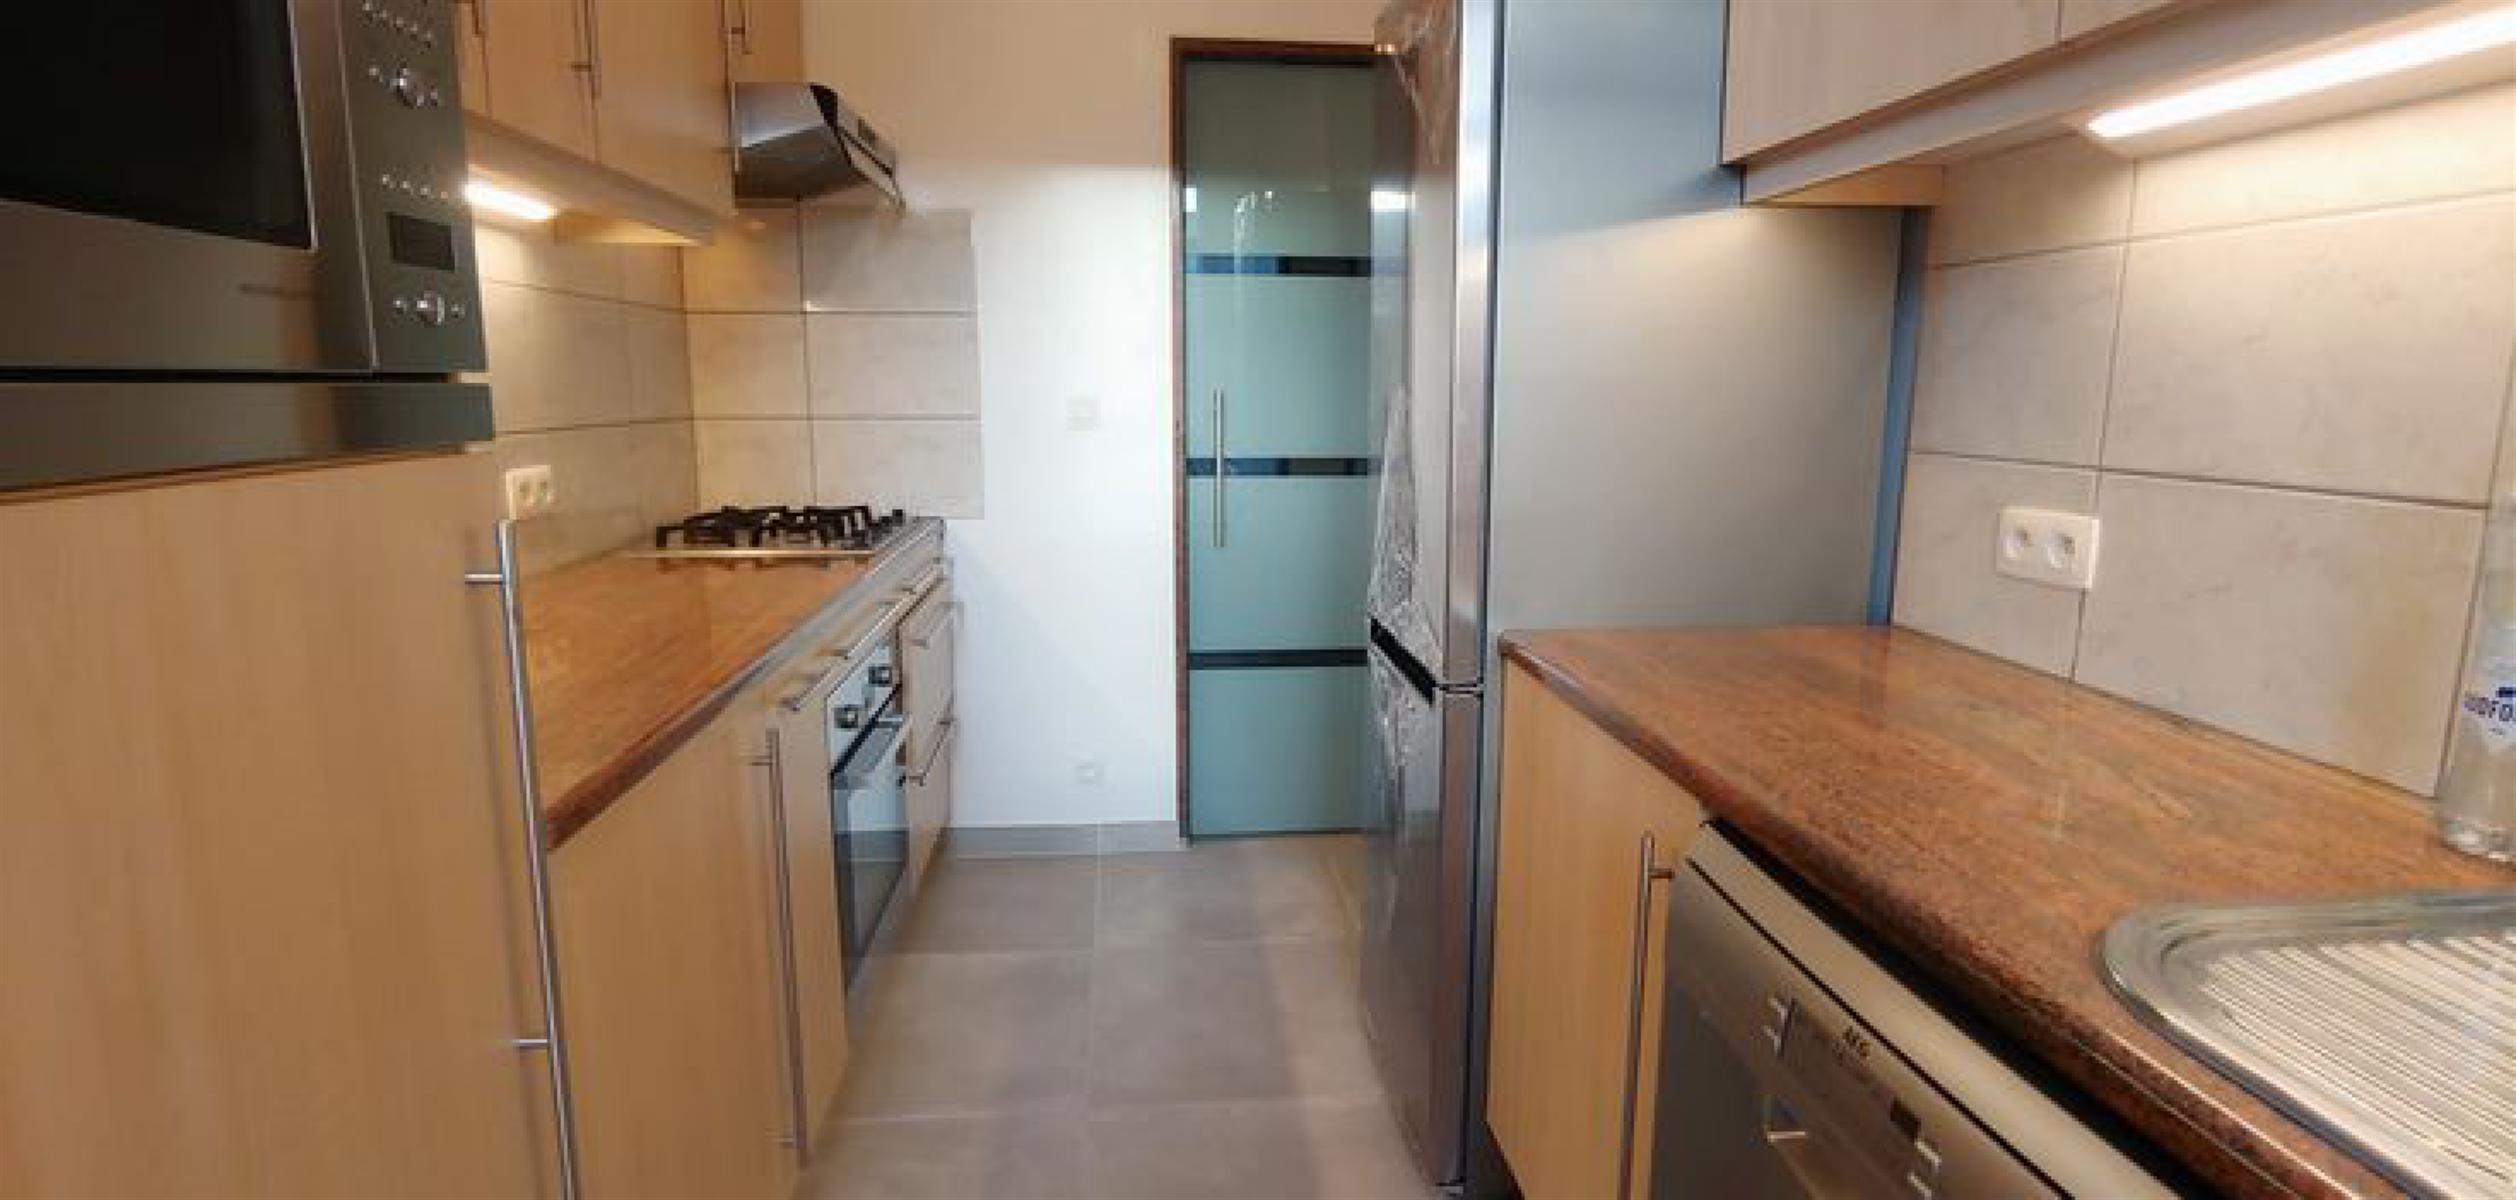 Appartement - Etterbeek - #4526474-5